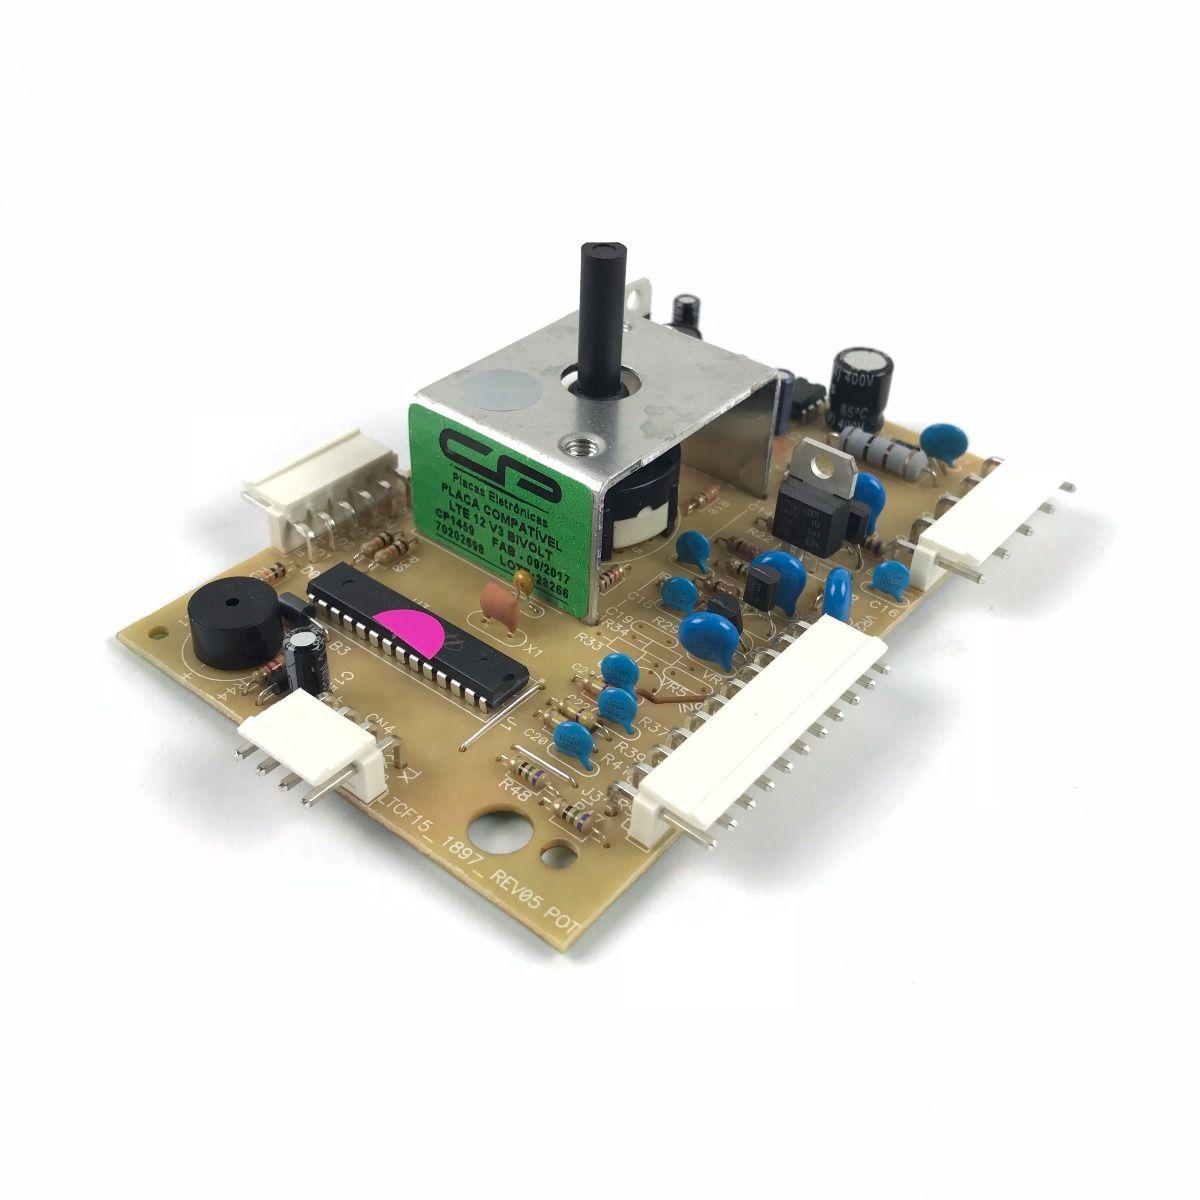 Placa Compatível Lavadora Electrolux LTE12 Versão 3 - Bivolt - CP 1459